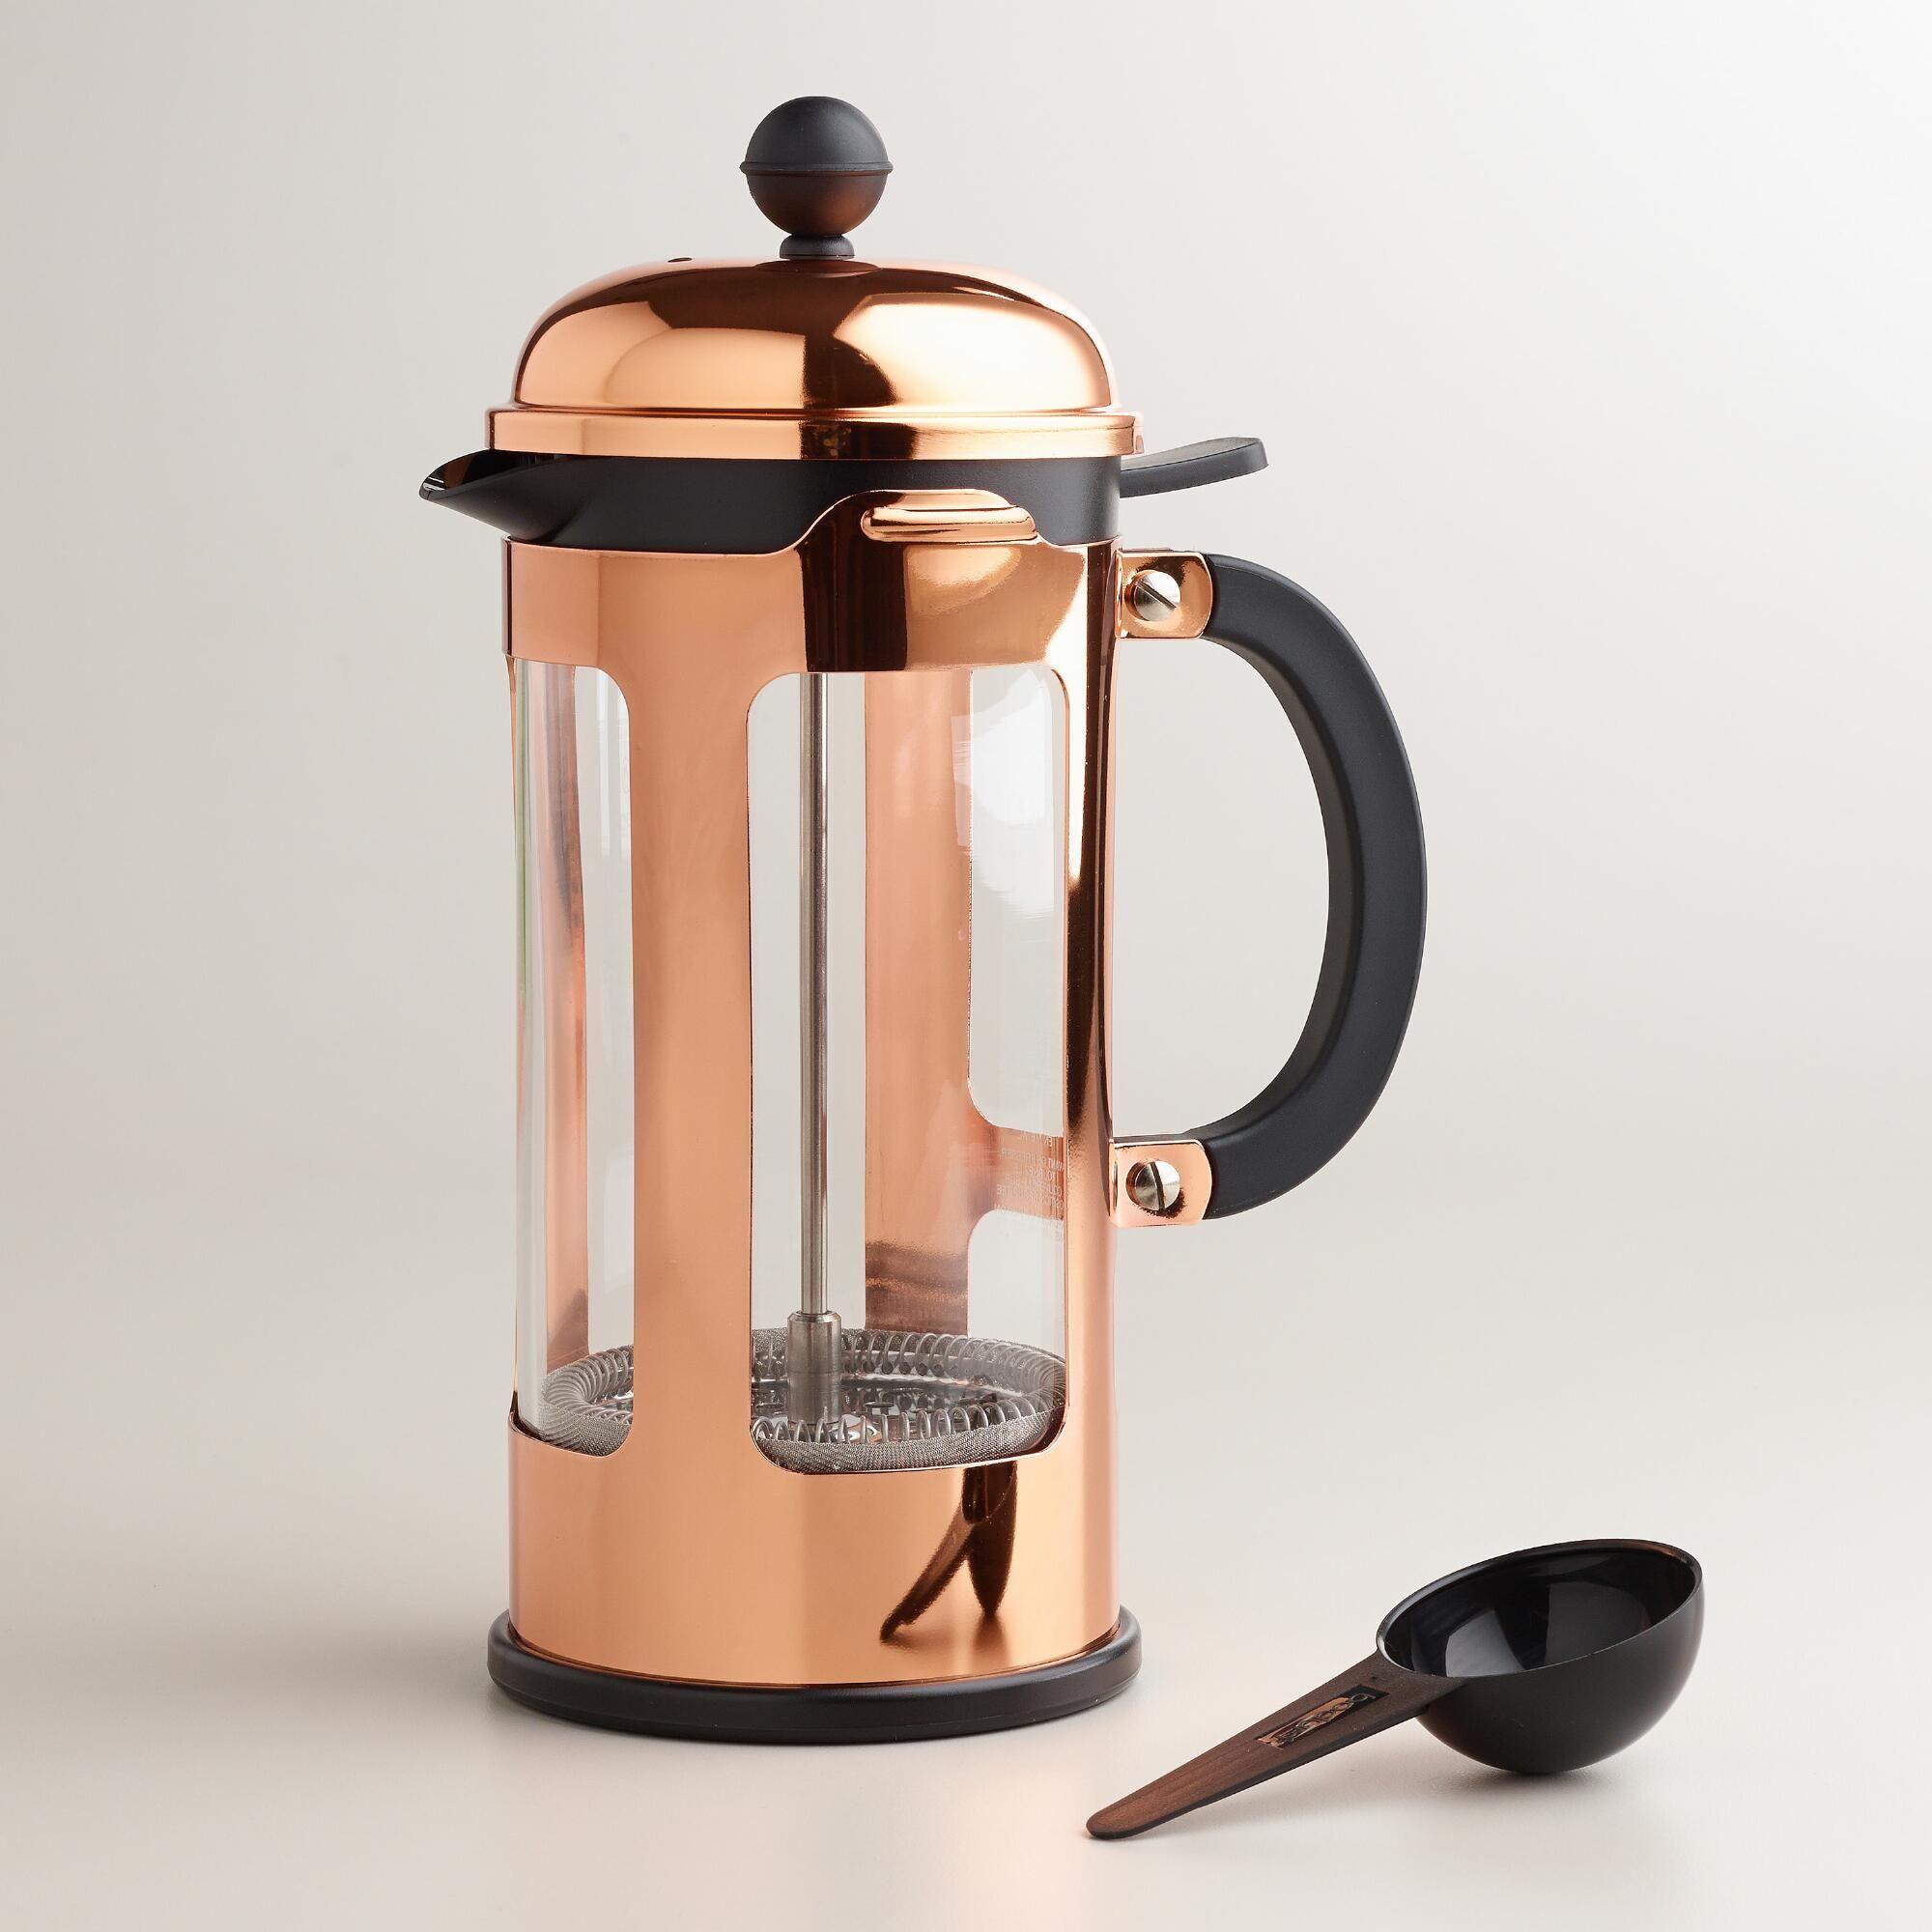 Bodum chambord copper 8cup french press coffee maker